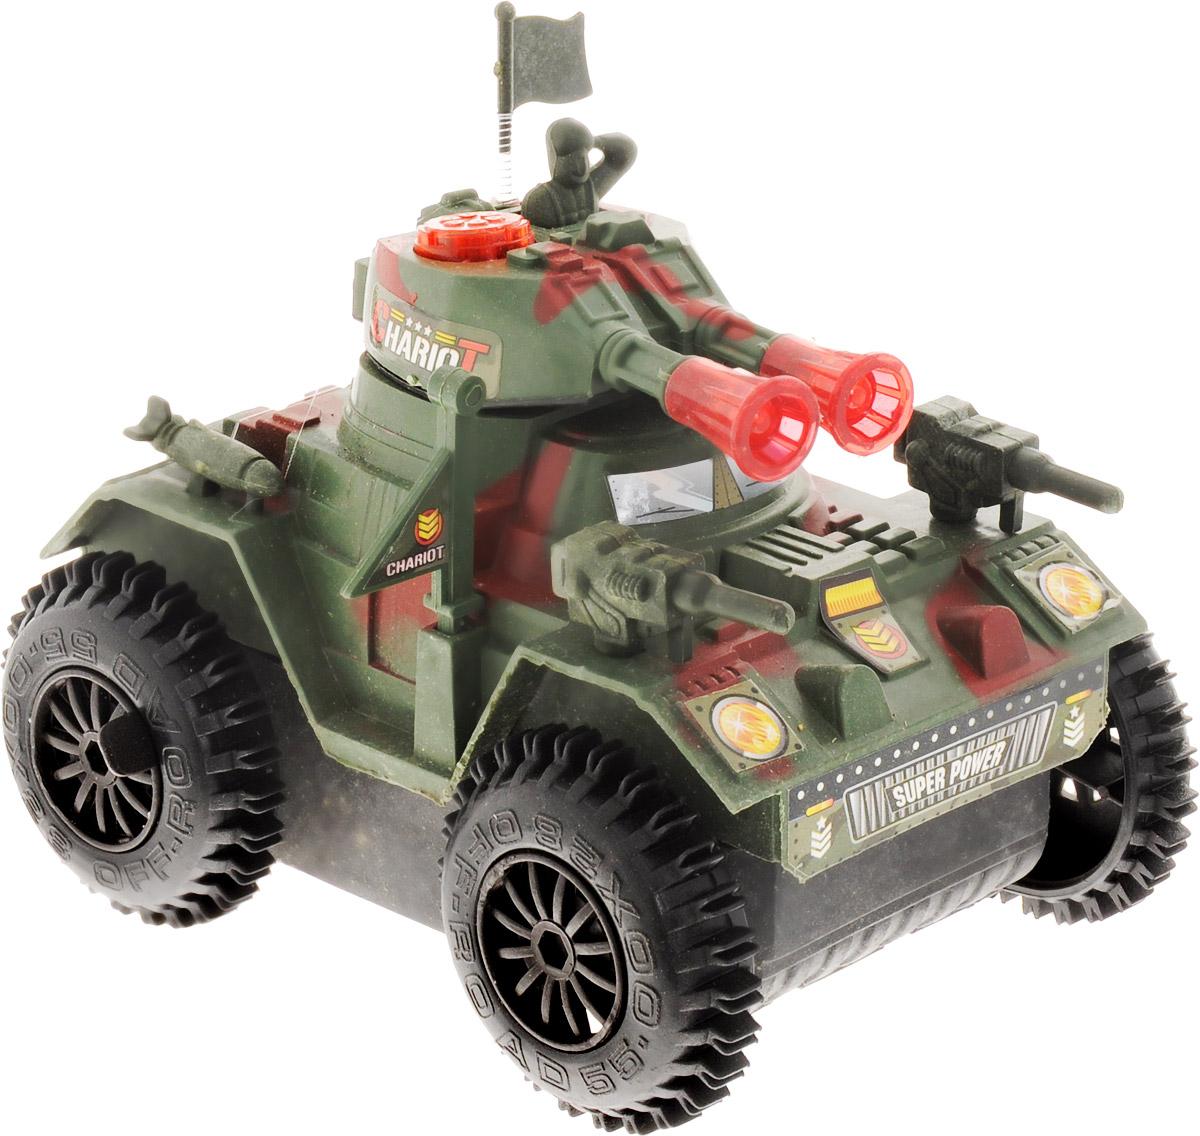 Junfa Toys Танк Super Chariot2102B/2103BВсем мальчишкам нравится устраивать сражения. Танк Junfa Toys Super Chariot, несомненно, станет прекрасным подарком мальчику, любящему поиграть в войнушку. Игрушка оснащена звуковым сопровождением и световыми эффектами, имеет большие колеса и расцветку близкую к милитари, все это сделает игру интересней. Вы можете быть абсолютно уверены в безопасности изделия для вашего малыша, ведь при производстве используются только высококачественные нетоксичные материалы. Необходимо купить 3 батарейки напряжением 1,5V типа АА (не входят в комплект).